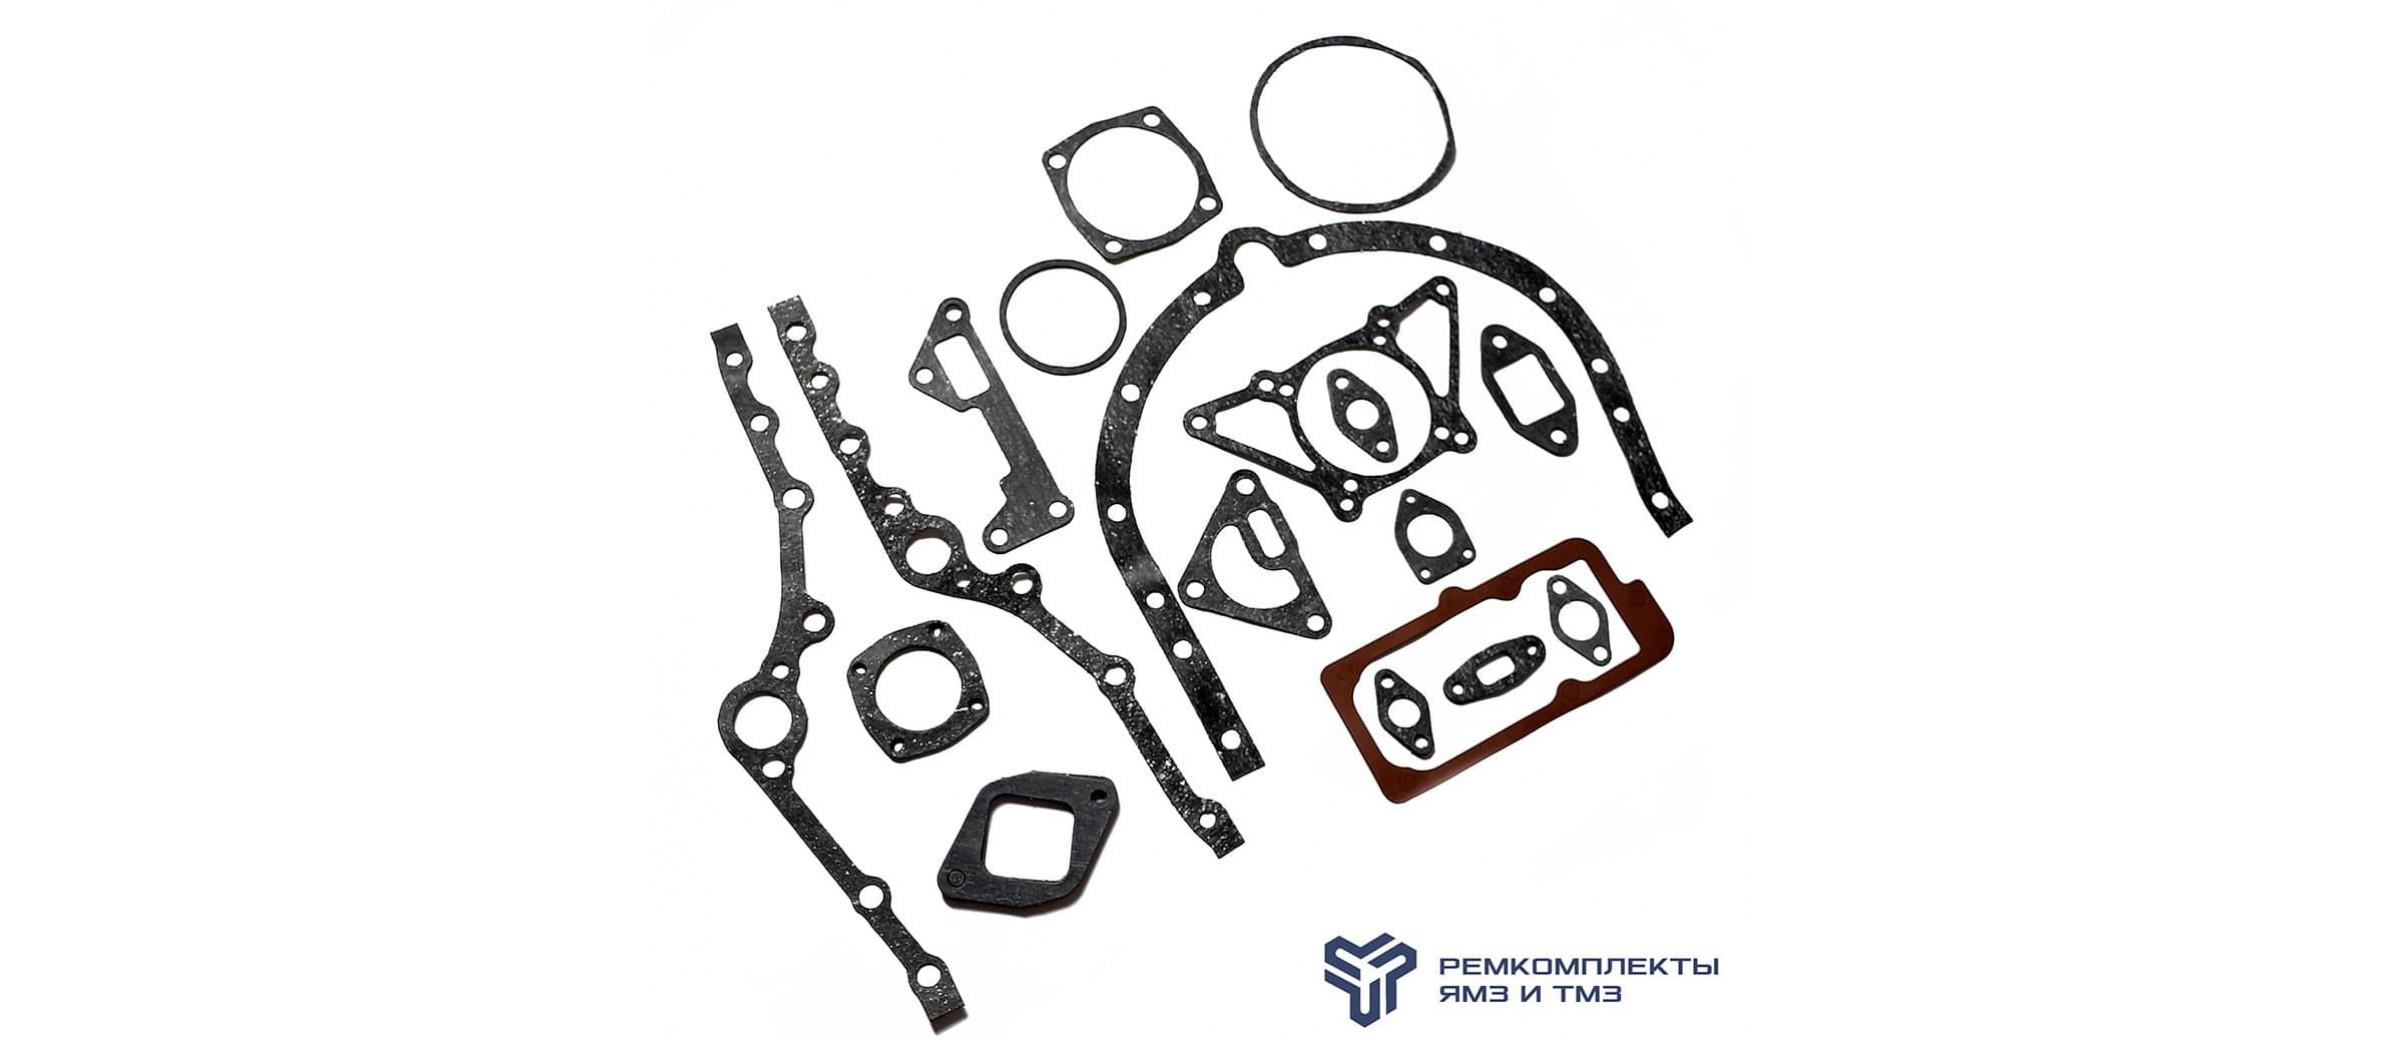 Комплект прокладок двигателя ЯМЗ-236 (ПАРОНИТ)